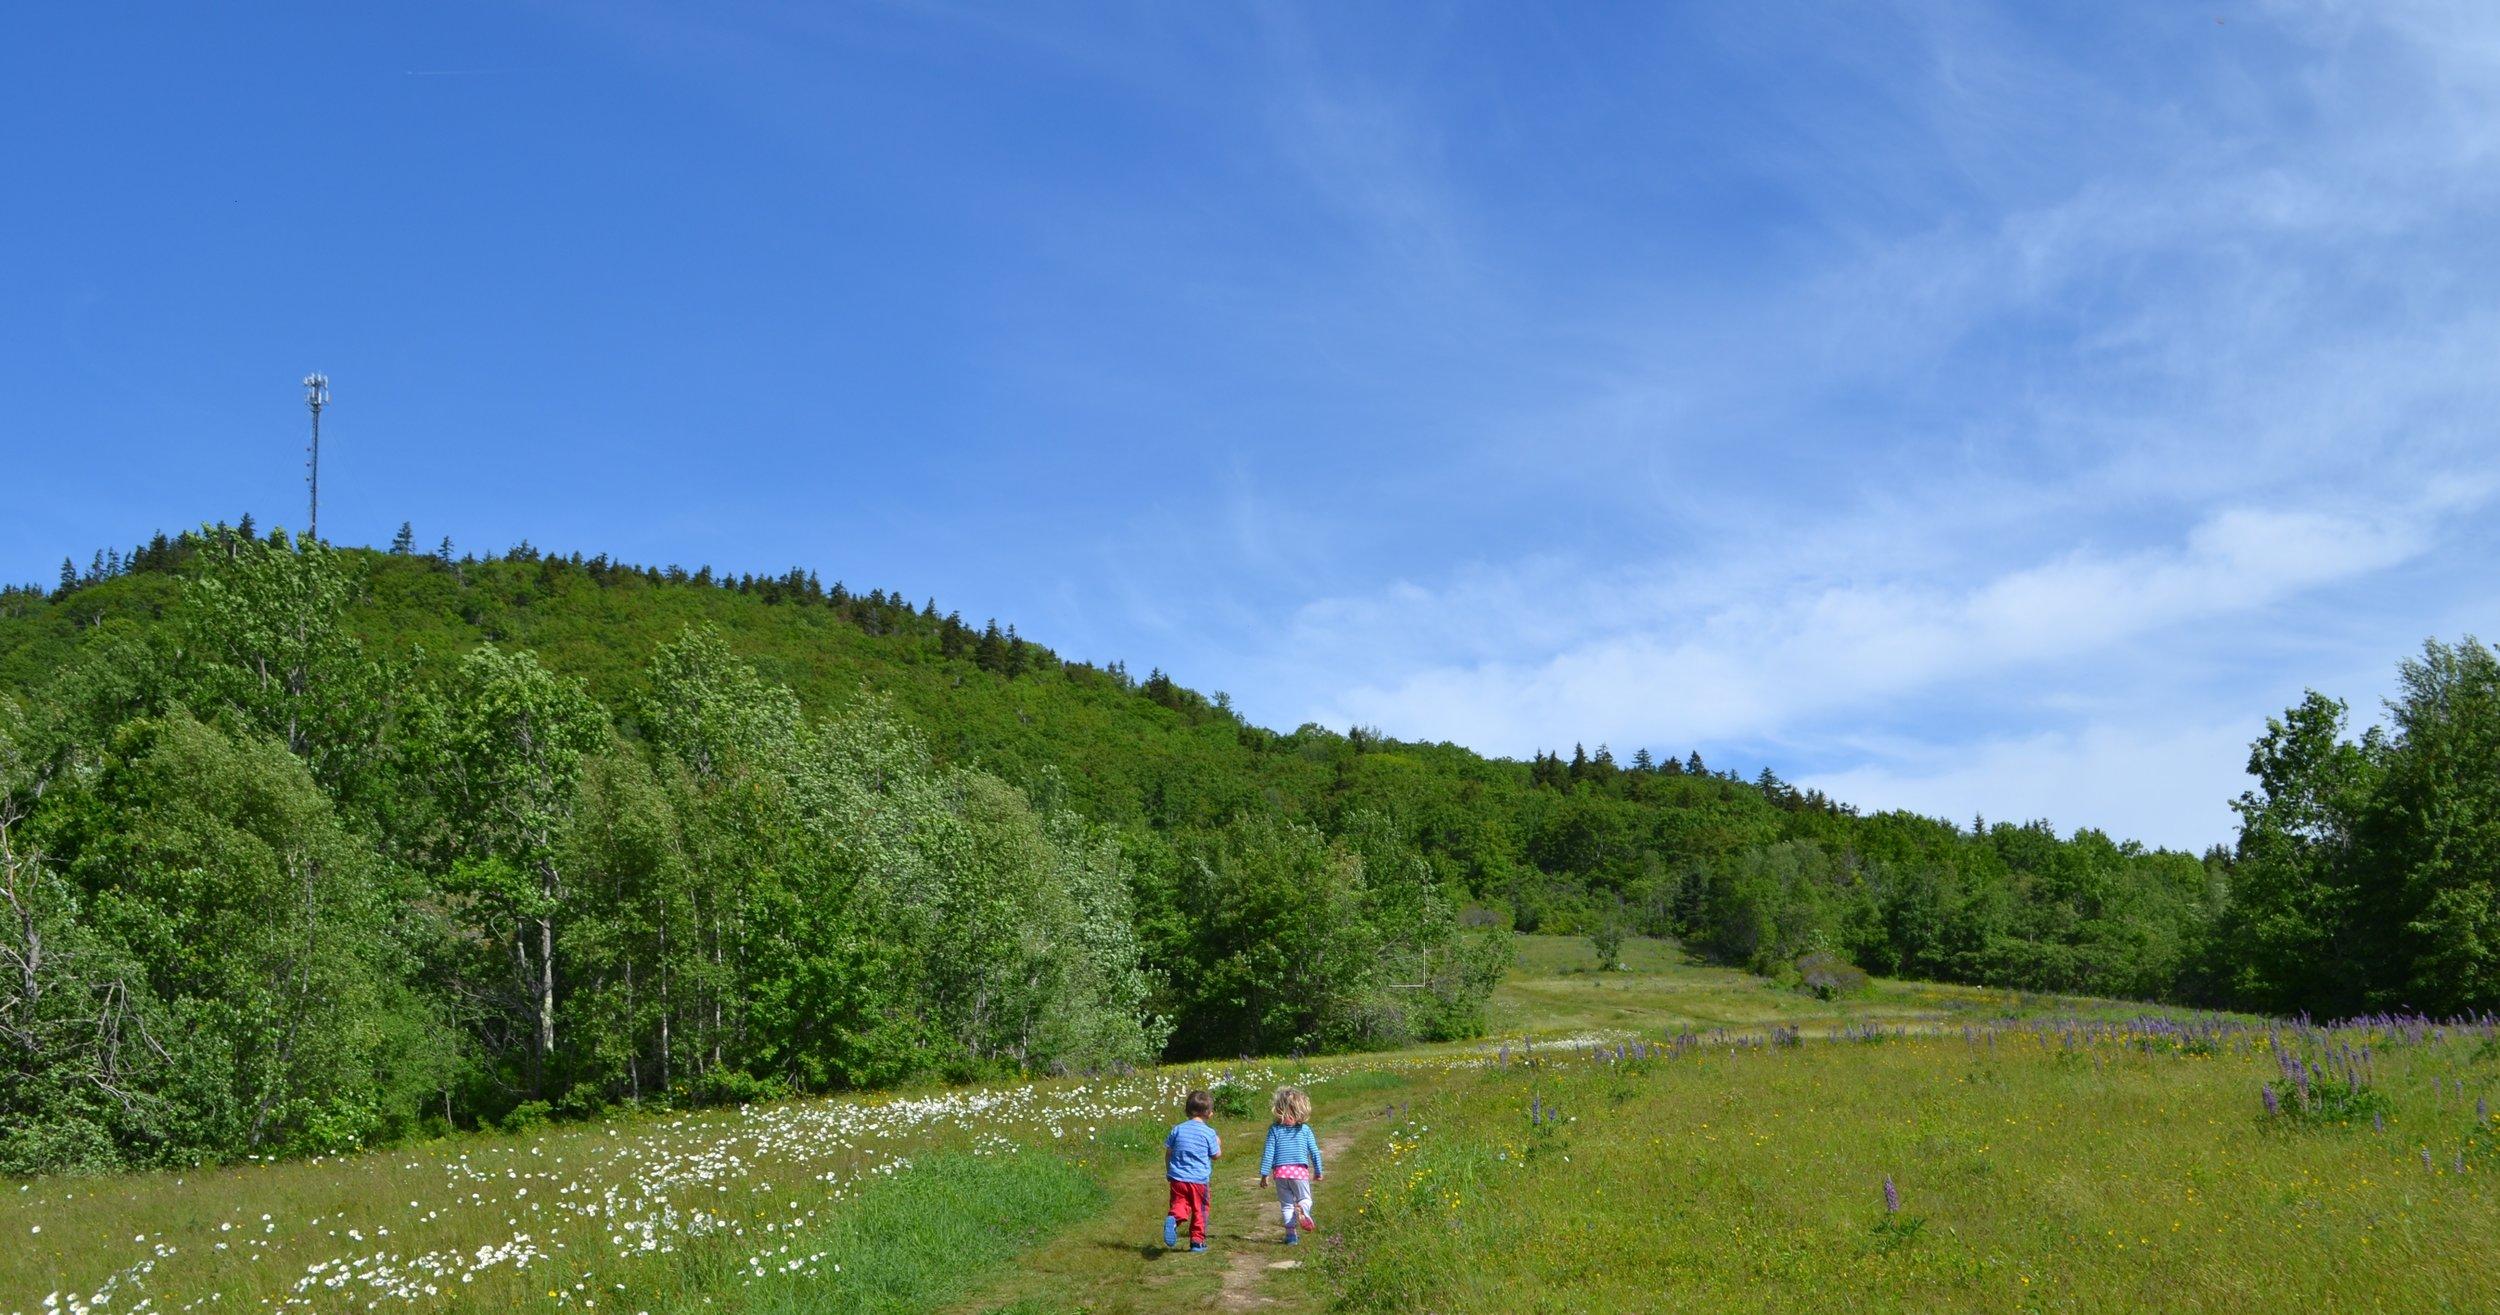 Town-of-Blue-Hill-kids-running-up-Blue-Hill-Mountain-BHHT.JPG